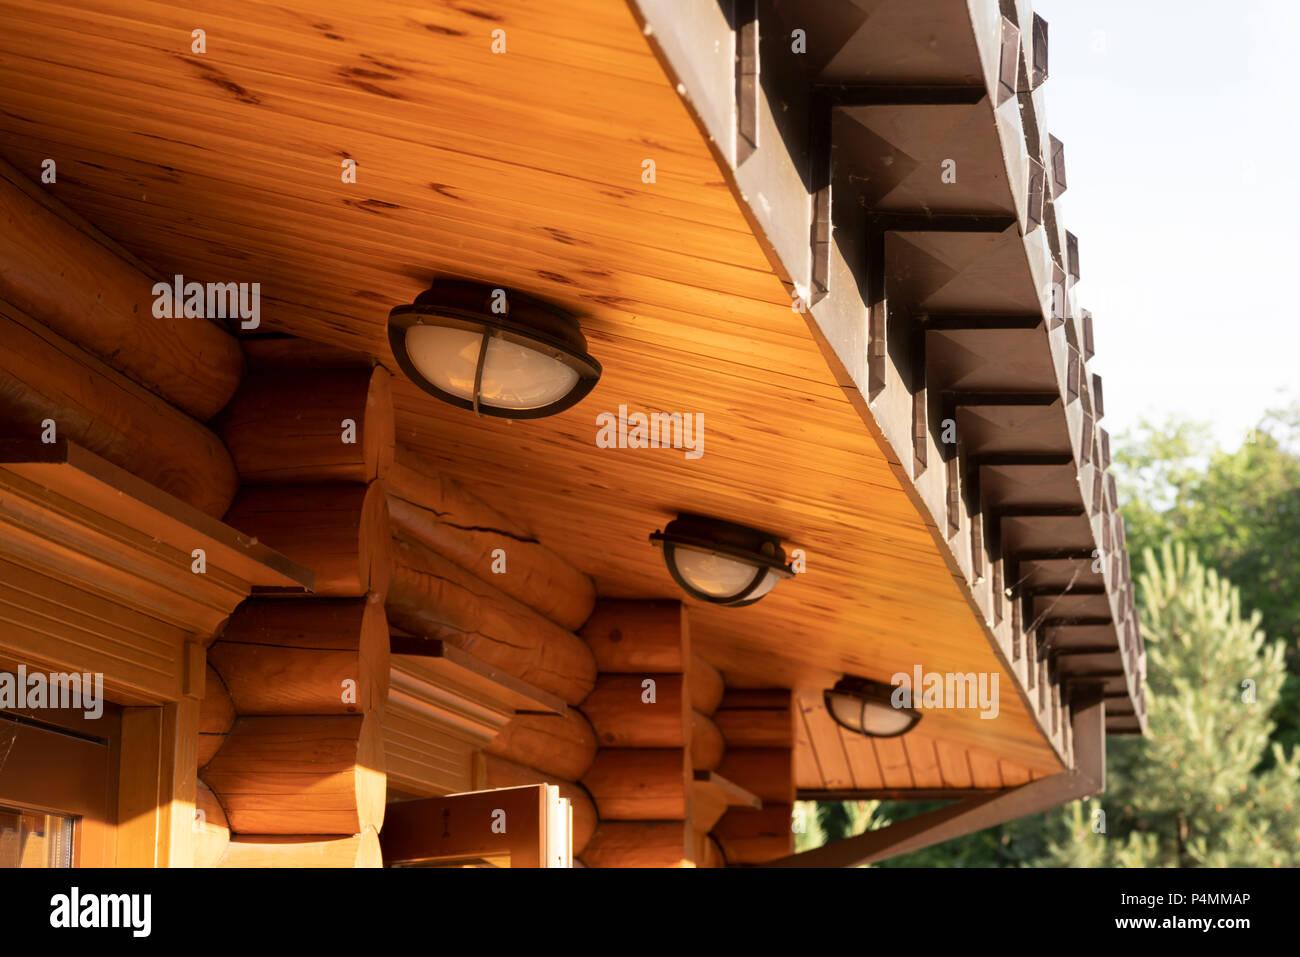 Luci Per Tettoia In Legno la tettoia del tetto in legno della costruzione di casa di